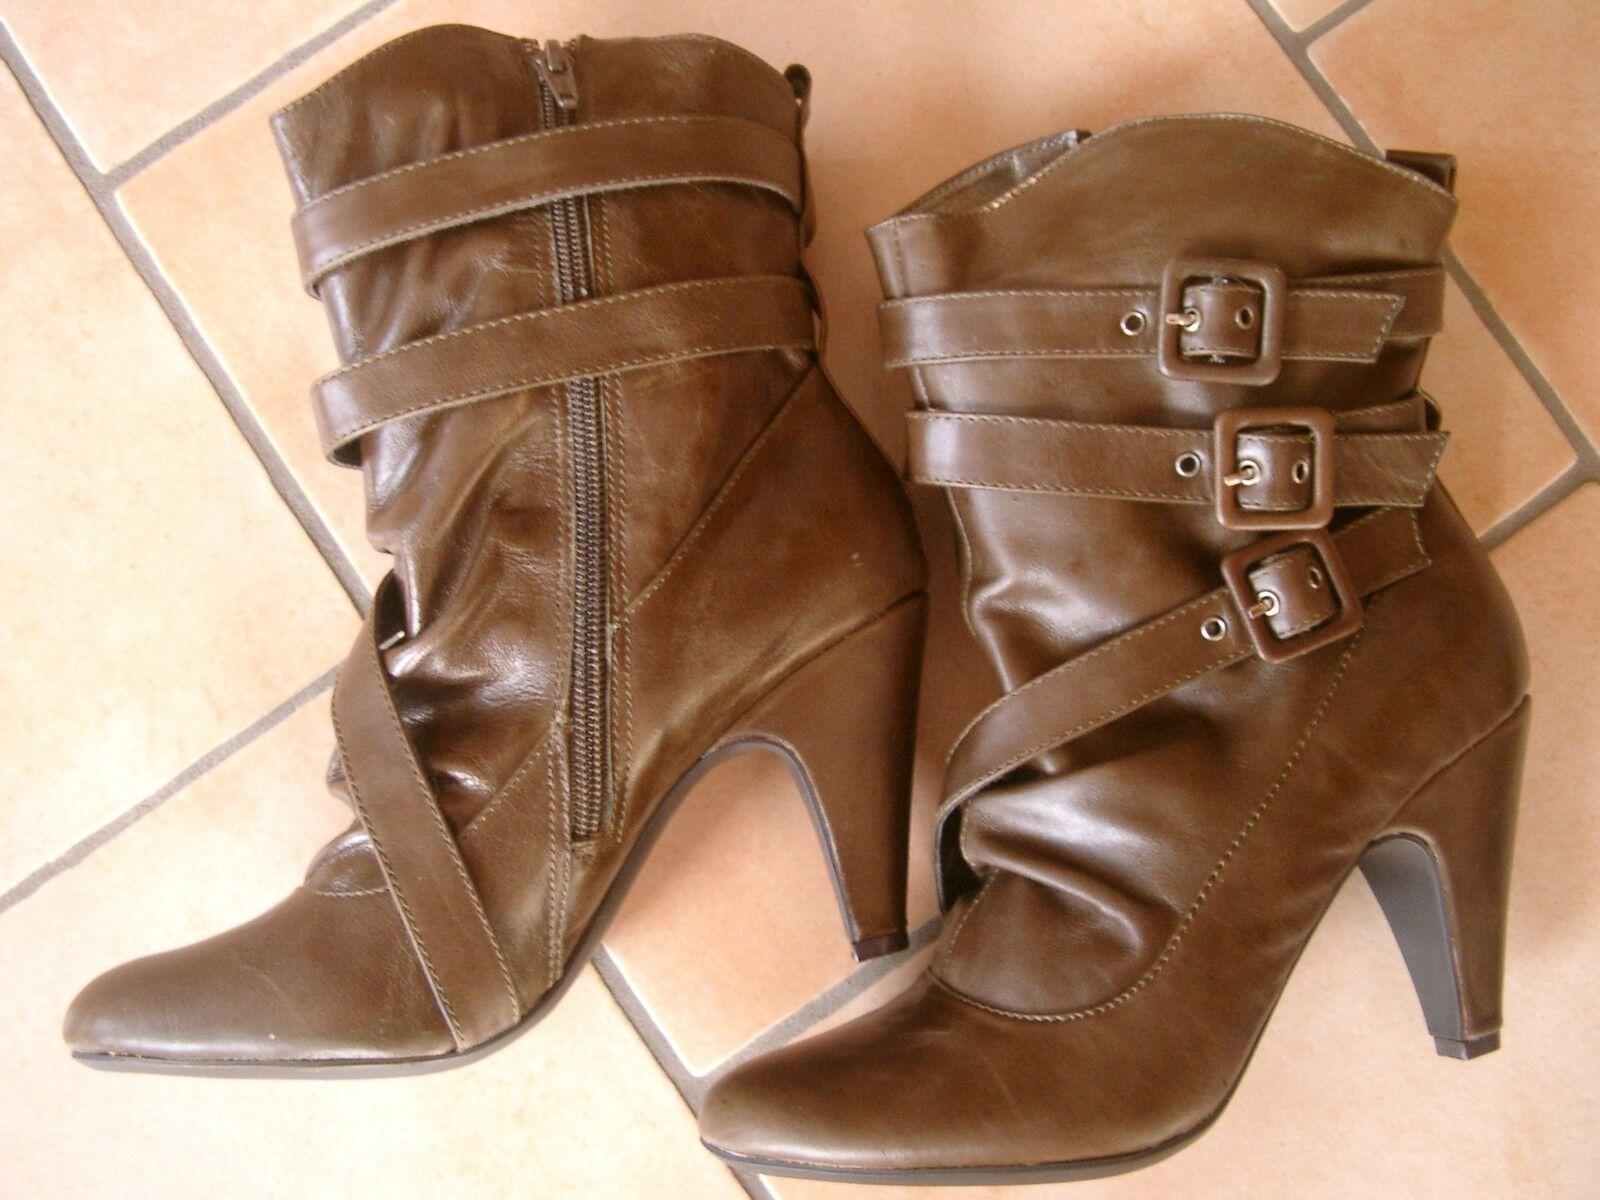 Z18) Pepe Jeans Damen Stiefelette Schuh gr.38 Stiefelette Damen Stiefel Lederschuhe ... 9b06ea